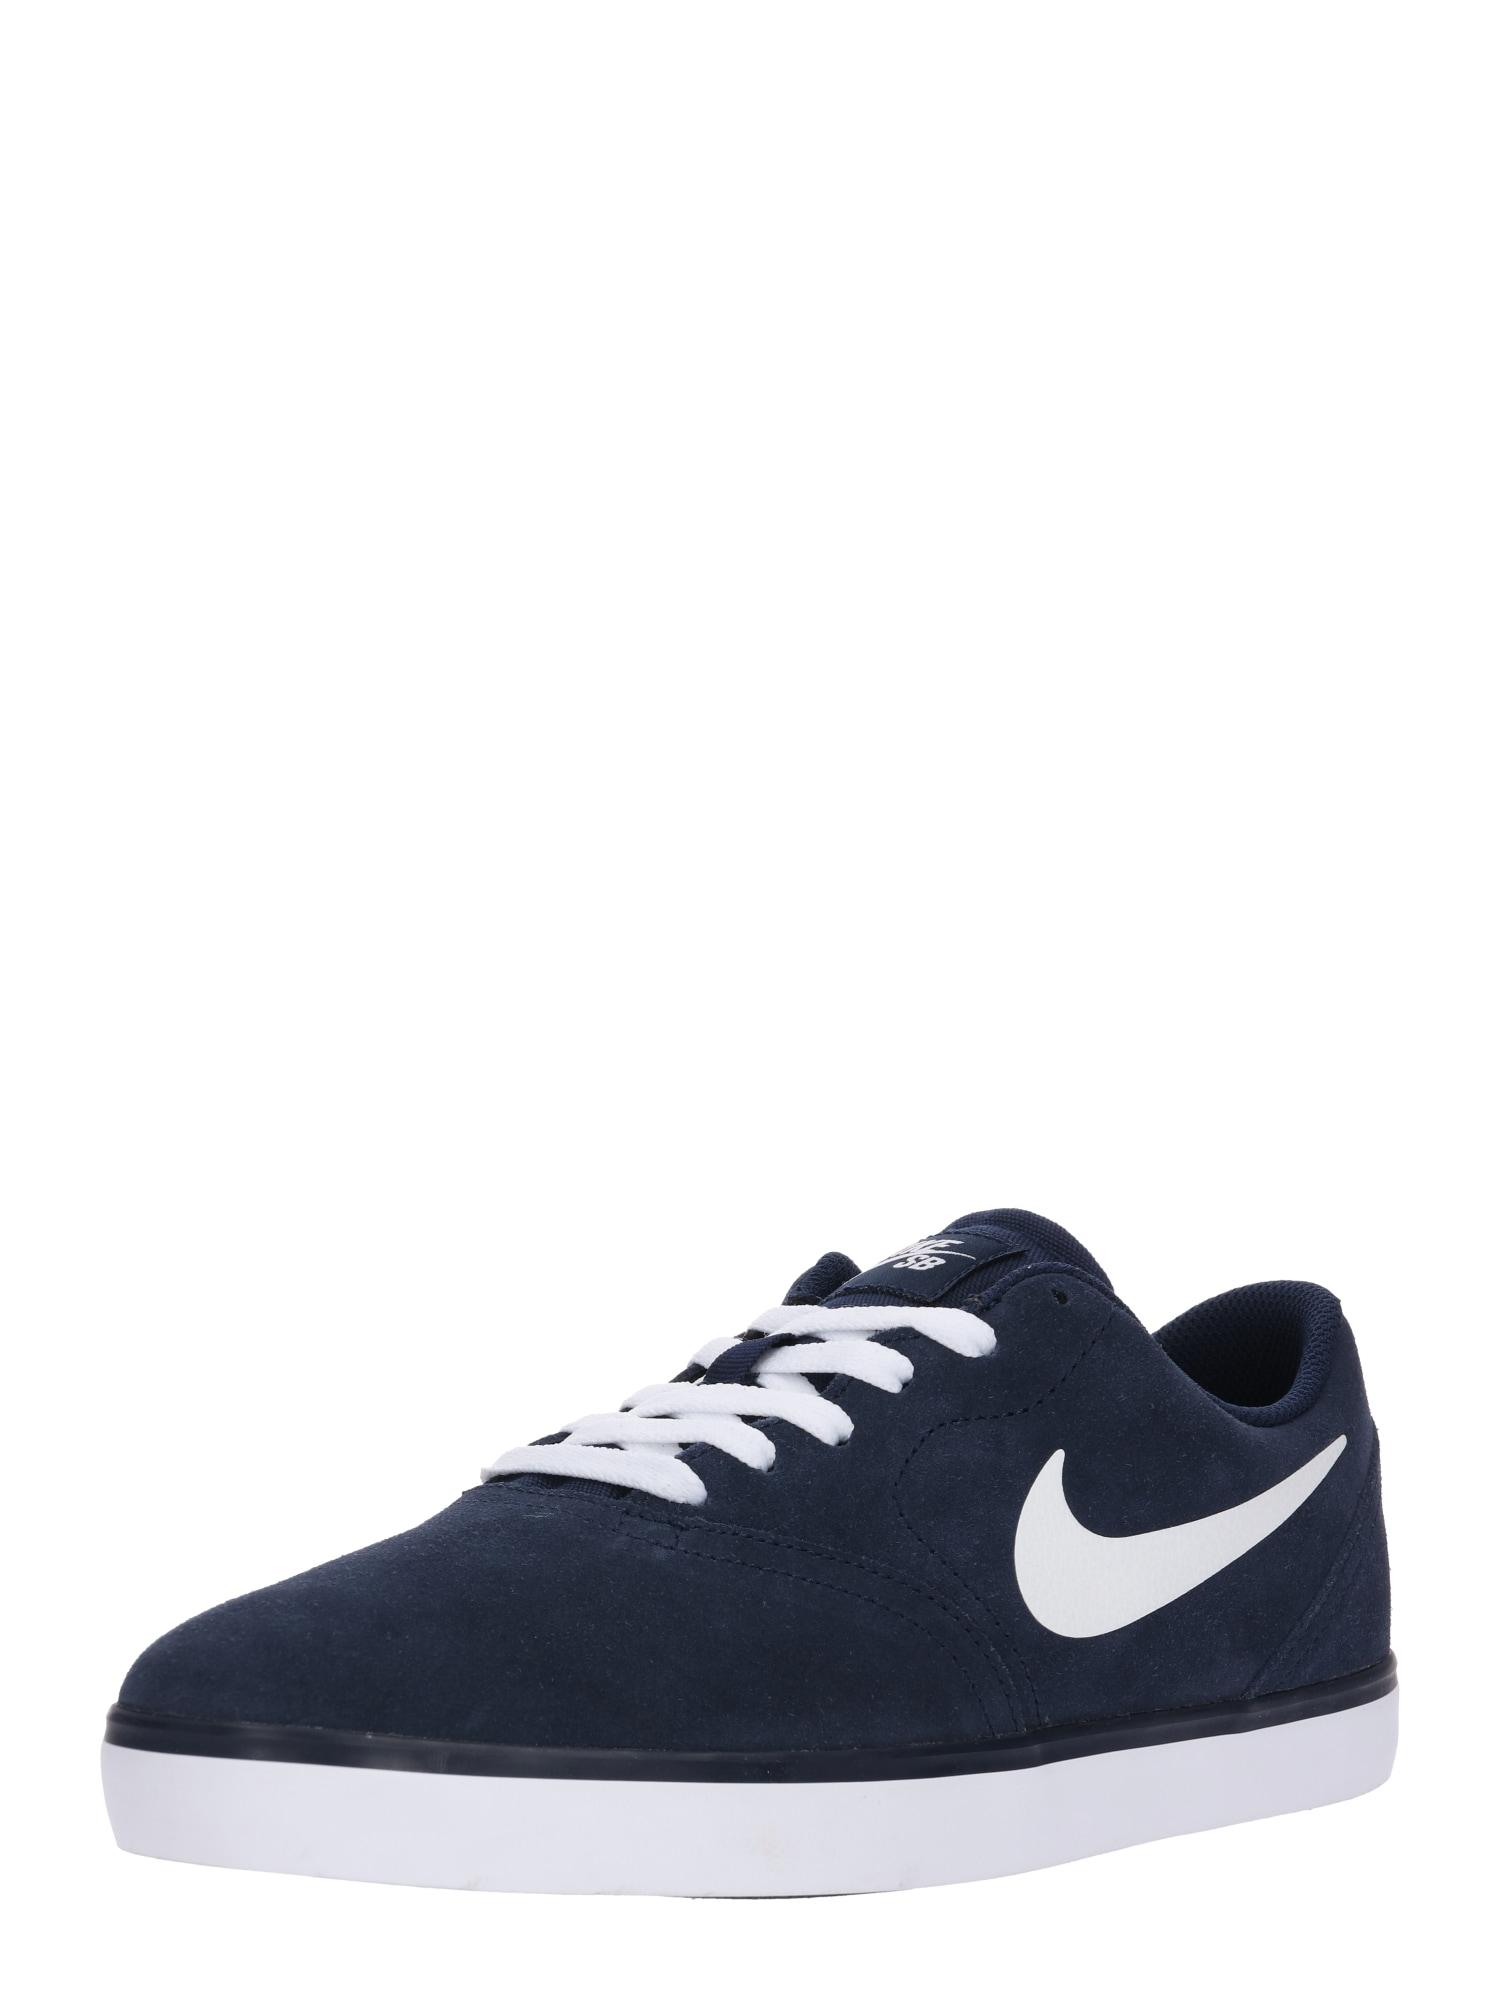 Tenisky Check námořnická modř Nike SB